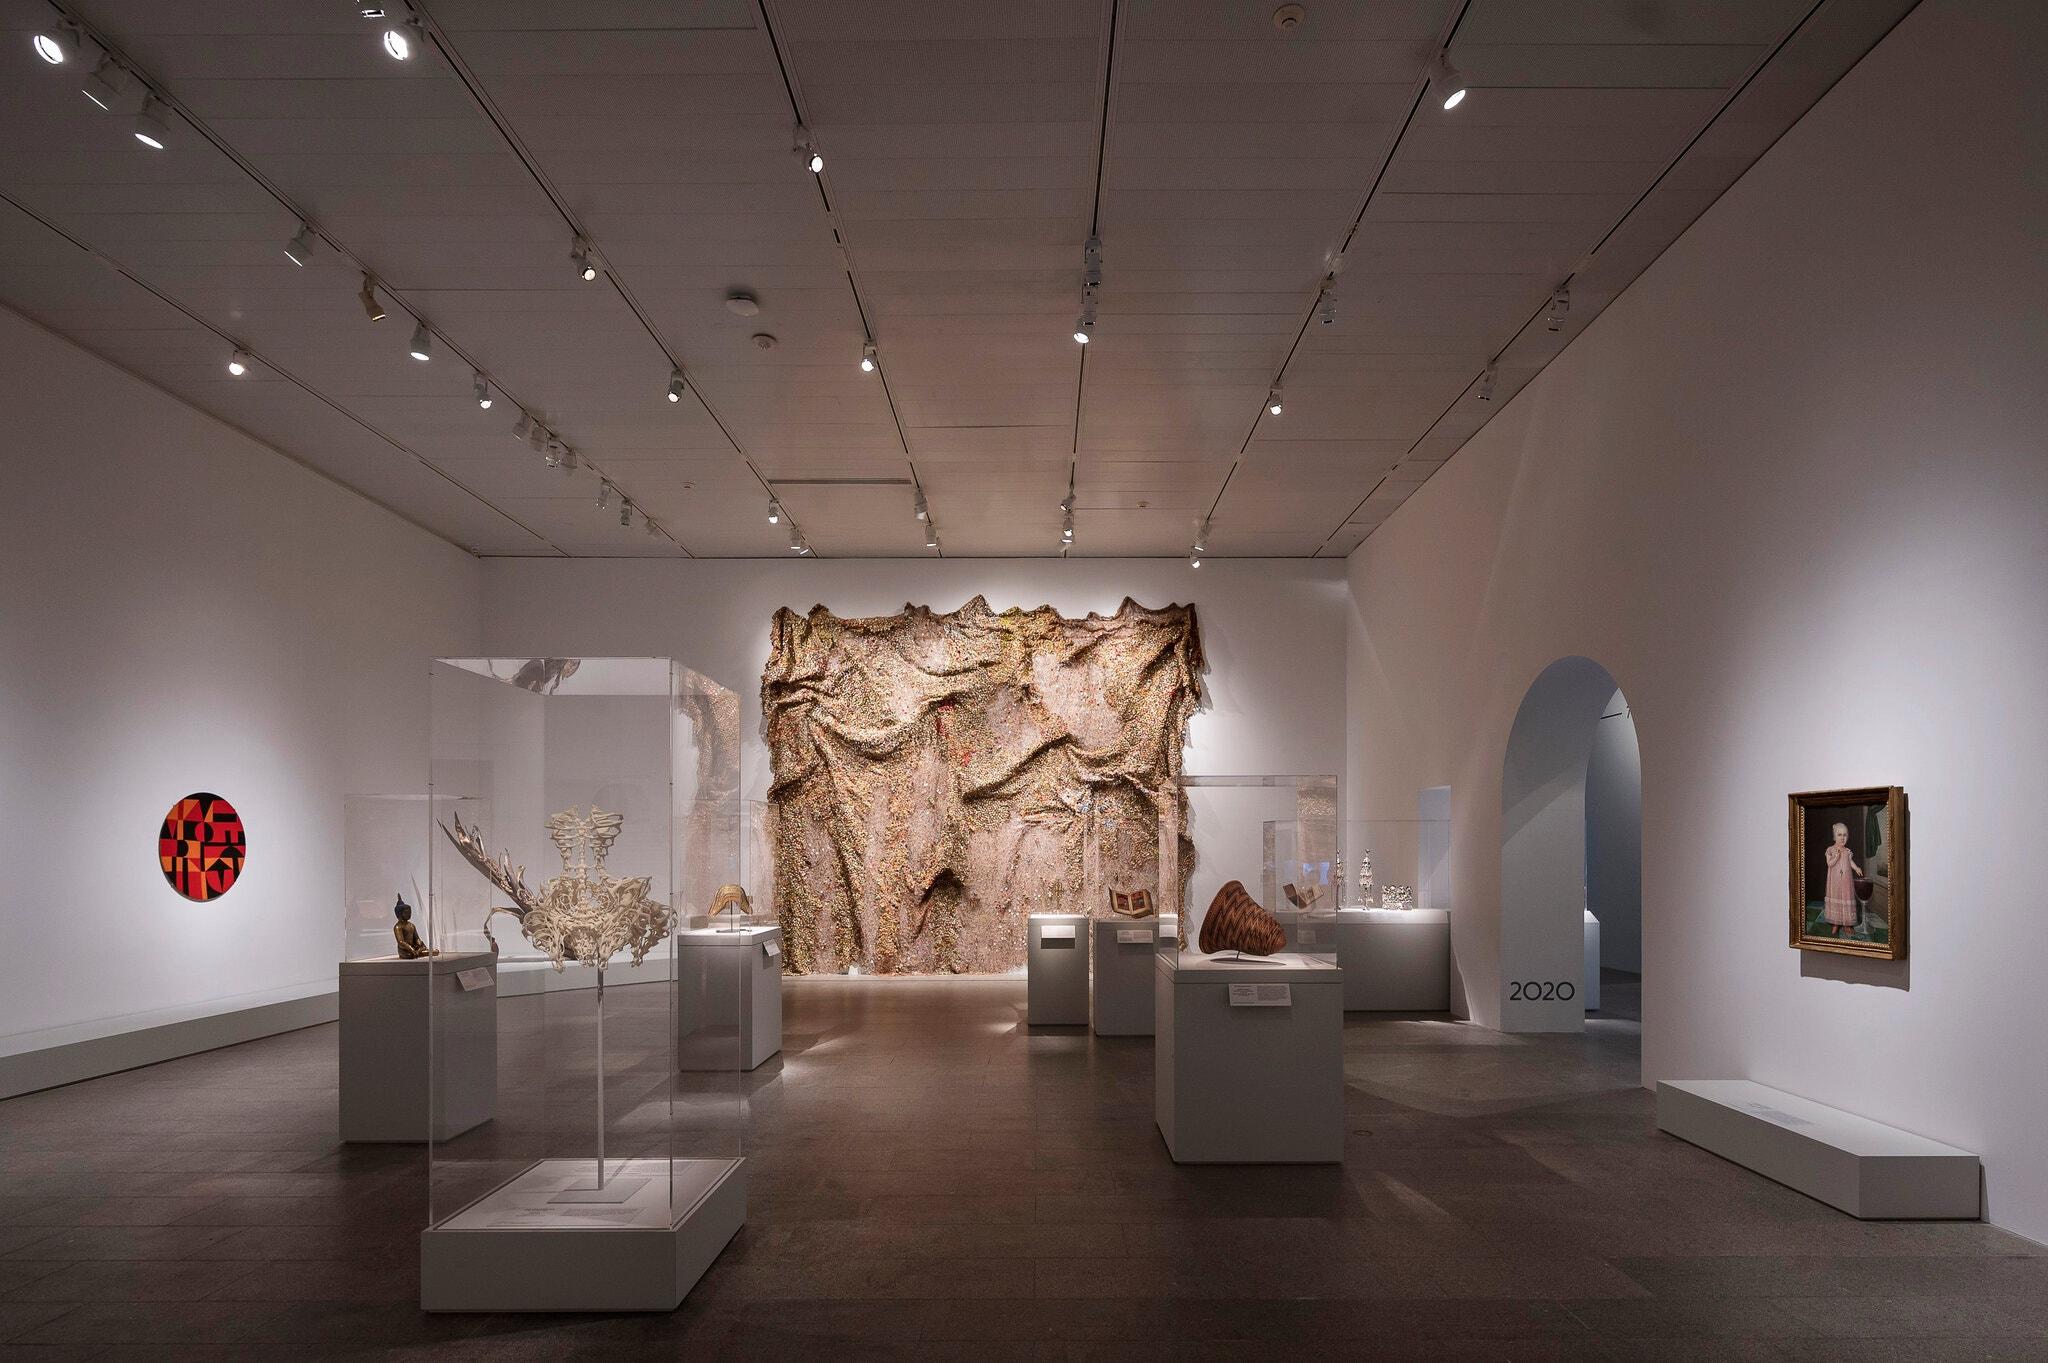 جشن 150 سالگی موزهMetropolitan زیر سایه کرونا